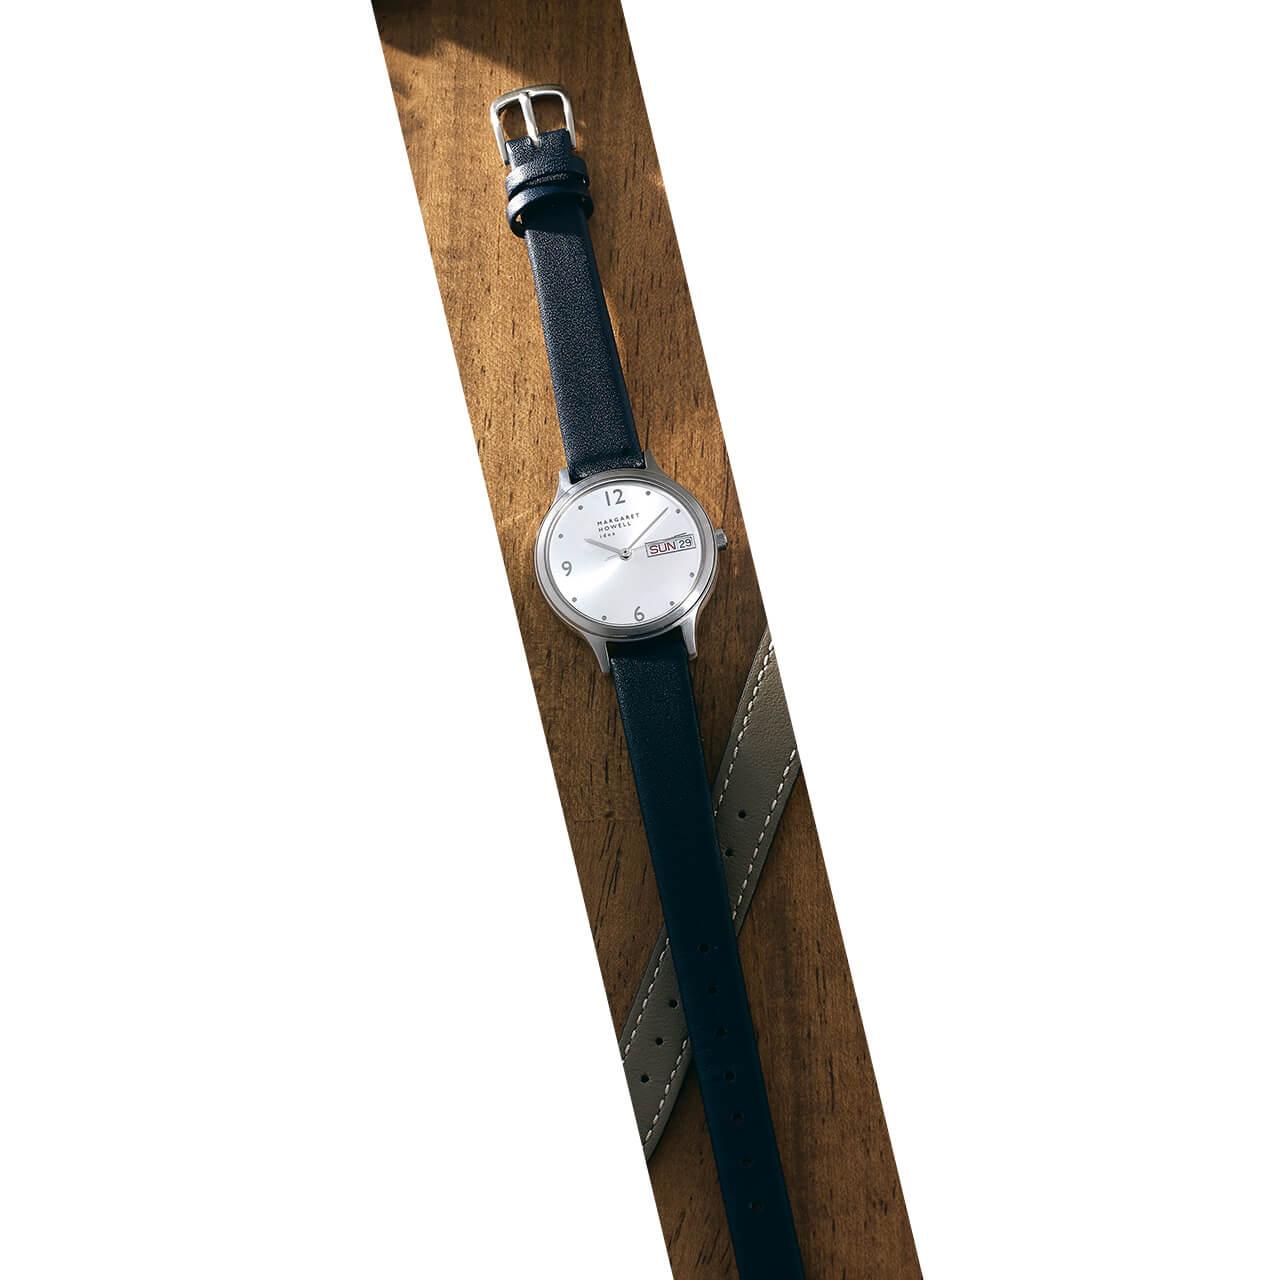 時計(SS×レザー、30mm)¥34100/マーガレット・ハウエル(マーガレット・ハウエル)